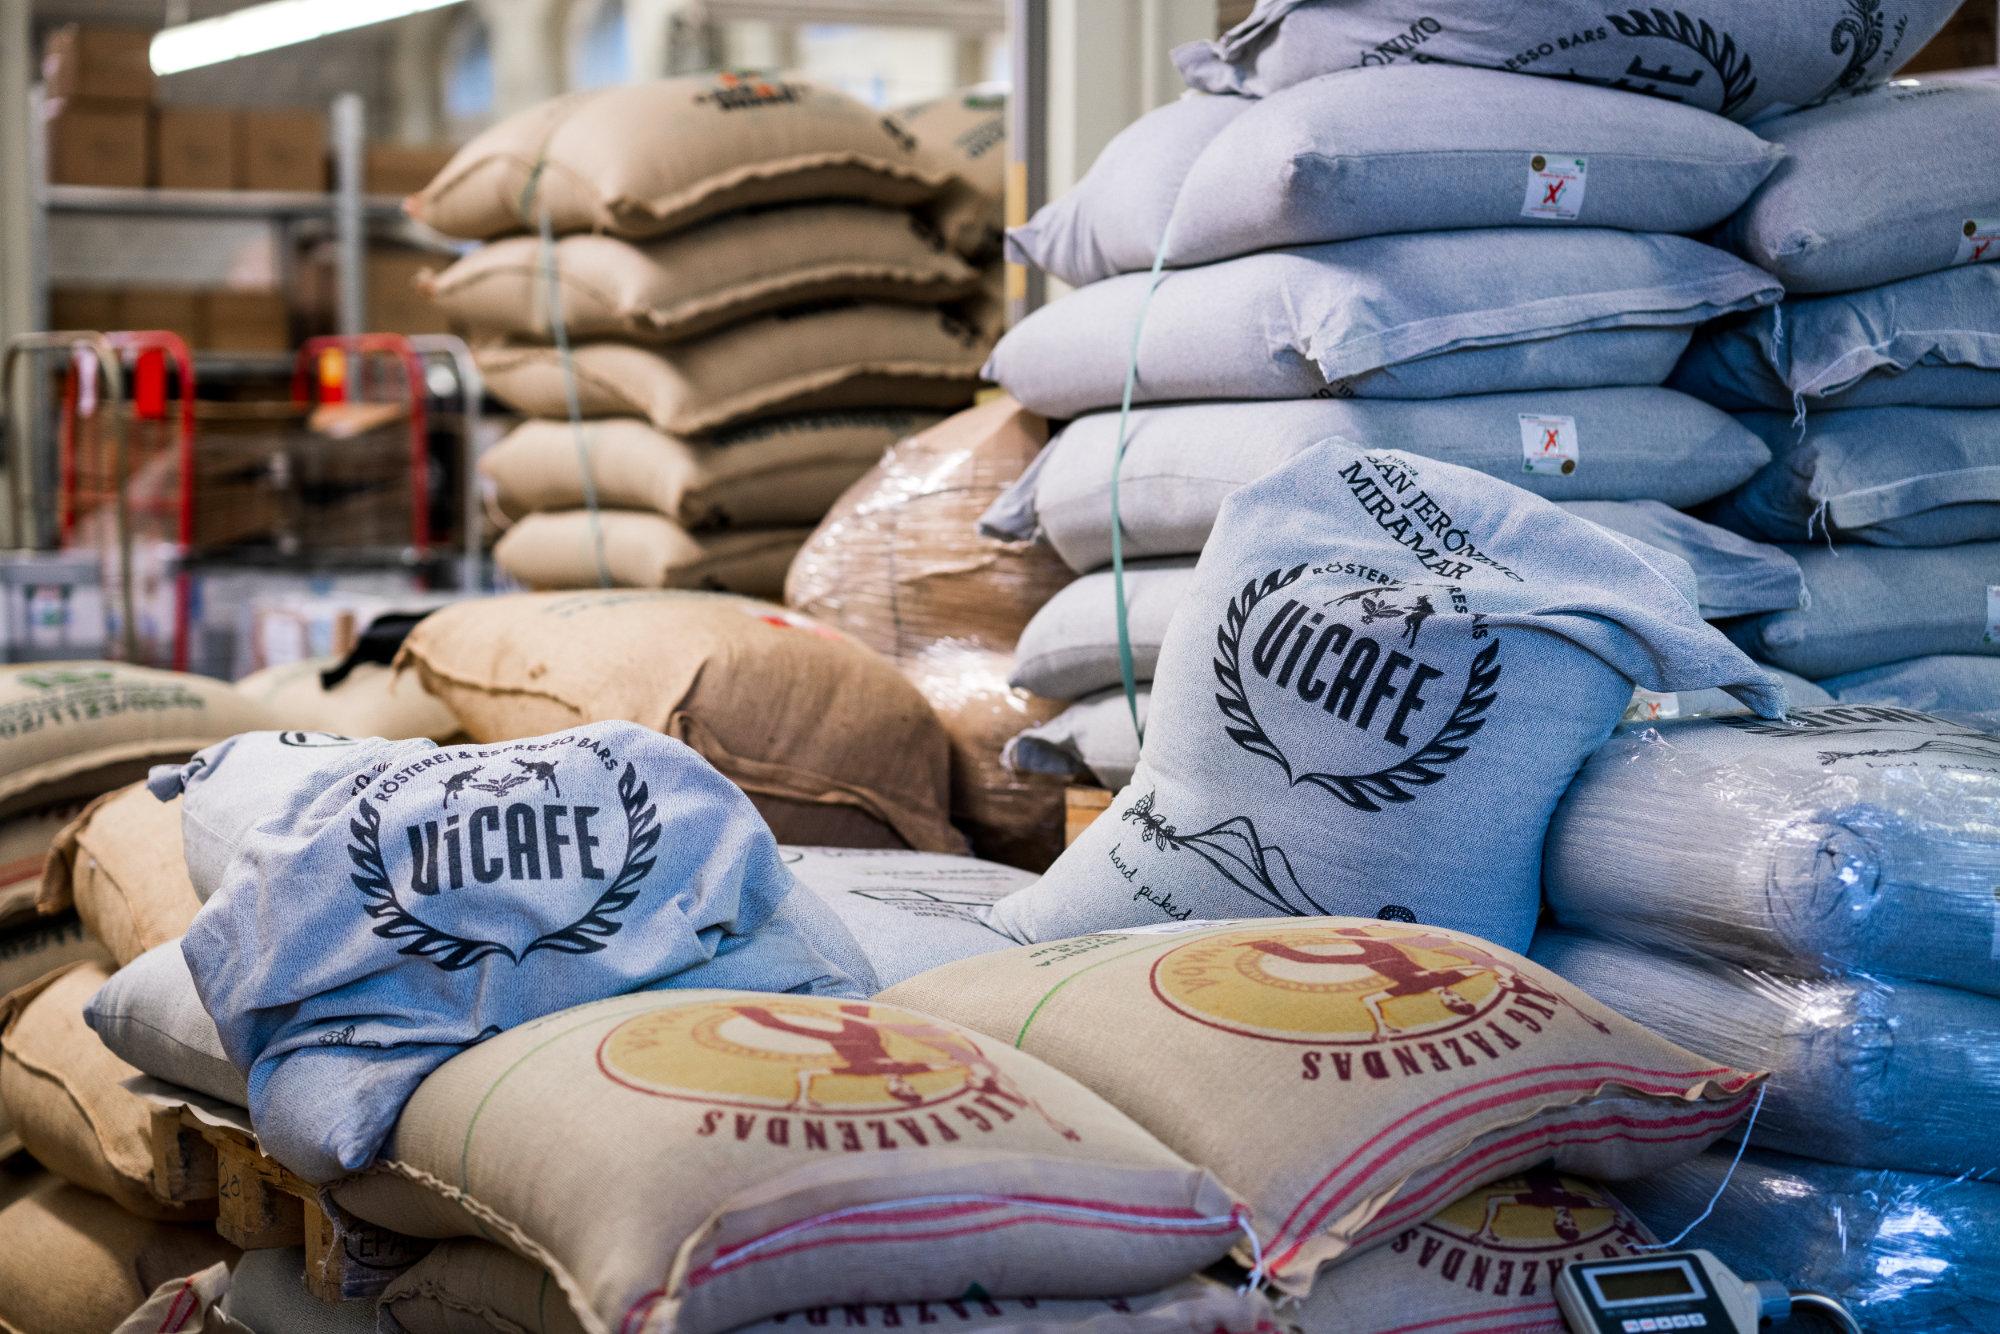 ViCAFE Kaffeesäcke